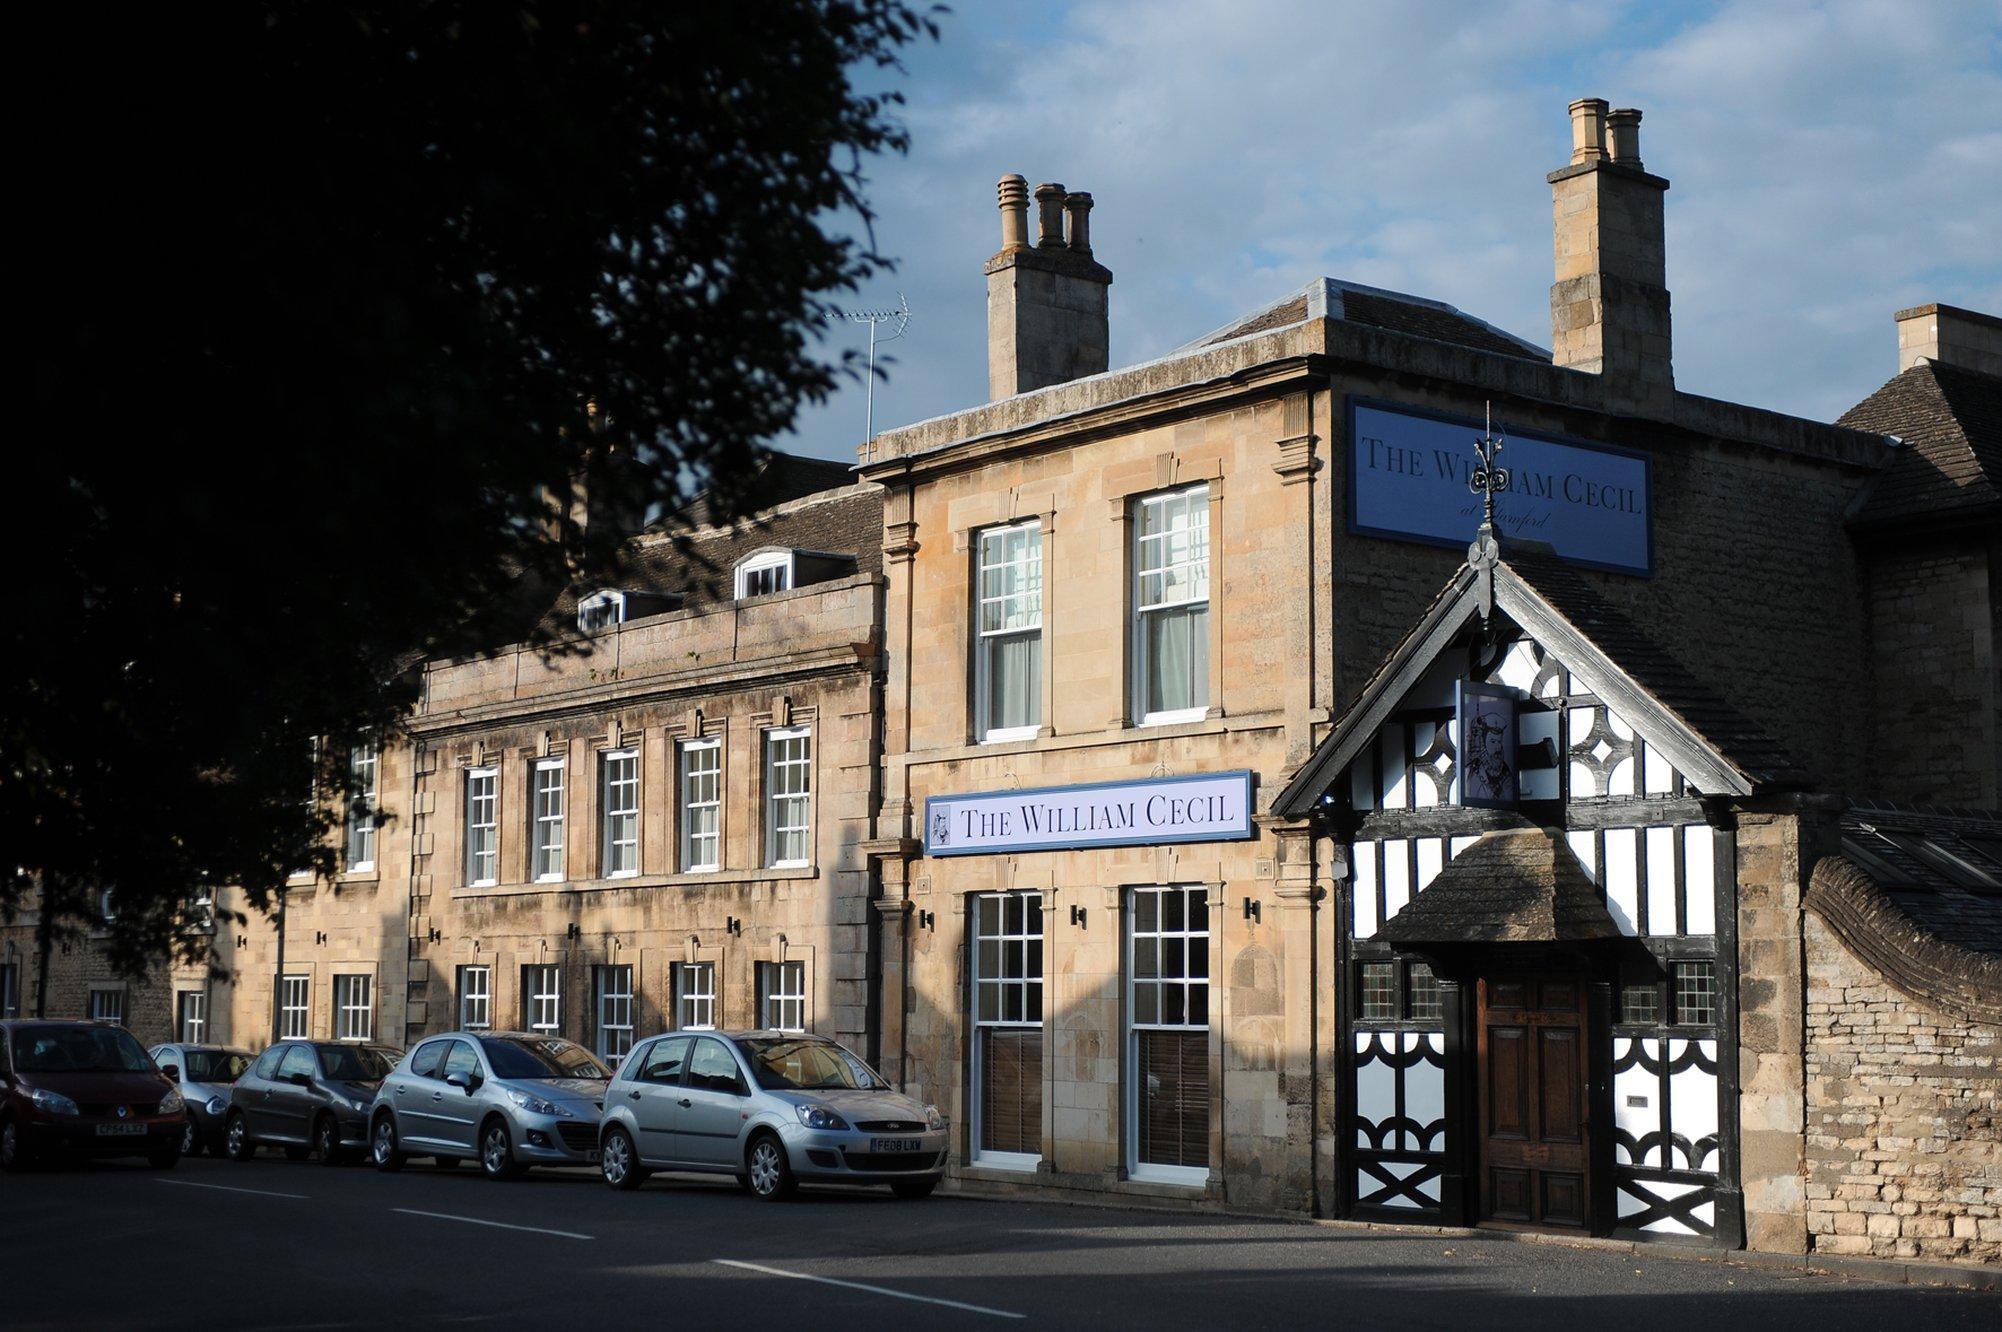 The William Cecil Hotel, Lincolnshire